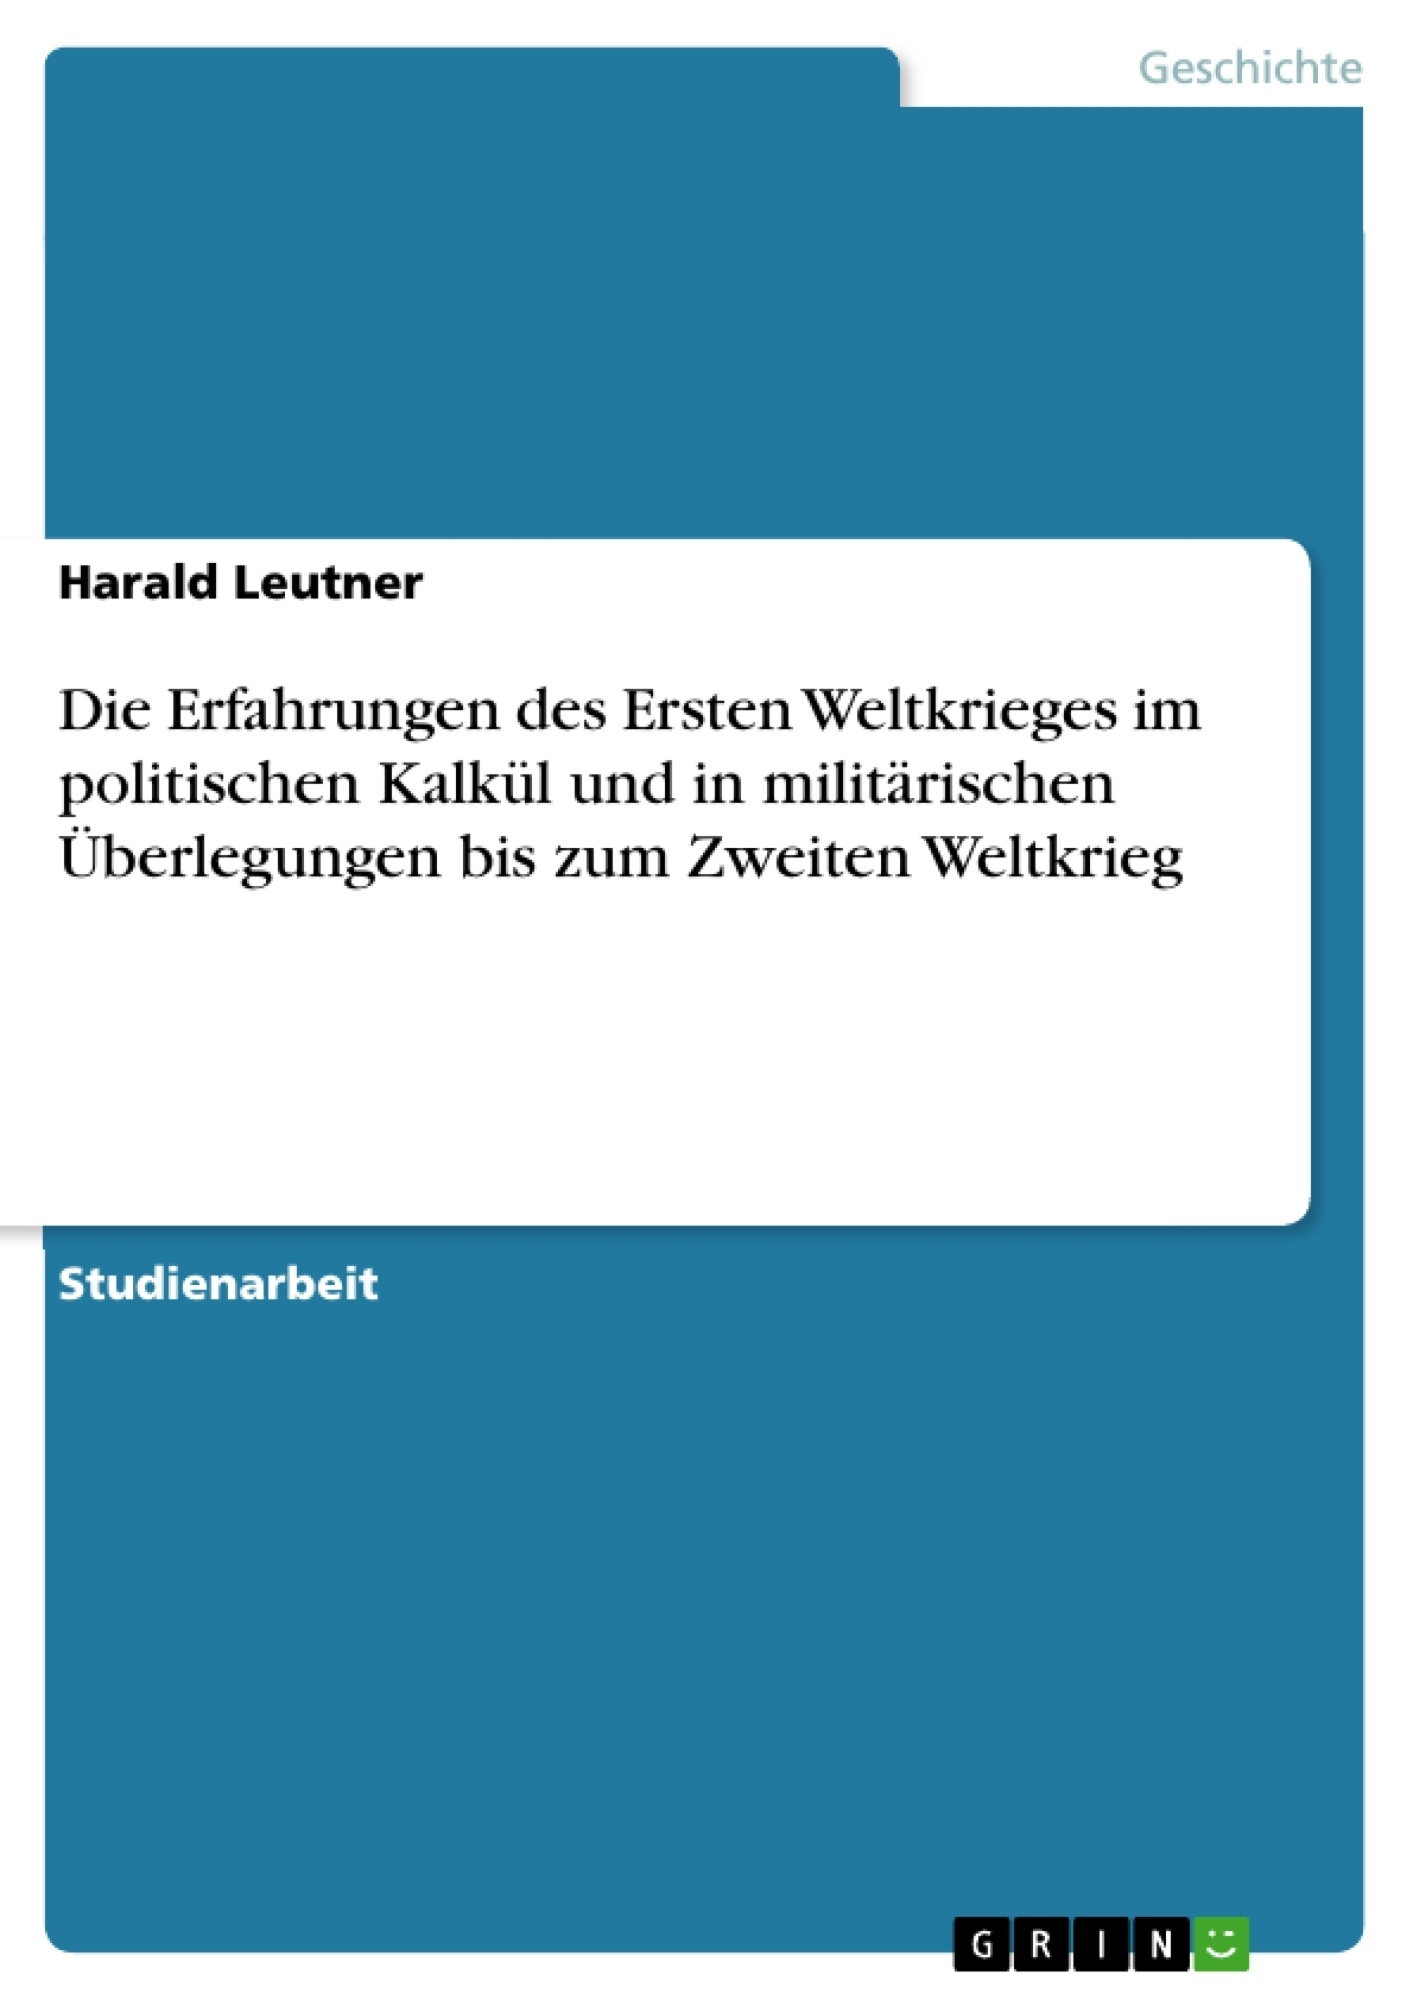 Titel: Die Erfahrungen des Ersten Weltkrieges im politischen Kalkül und in militärischen Überlegungen bis zum Zweiten Weltkrieg